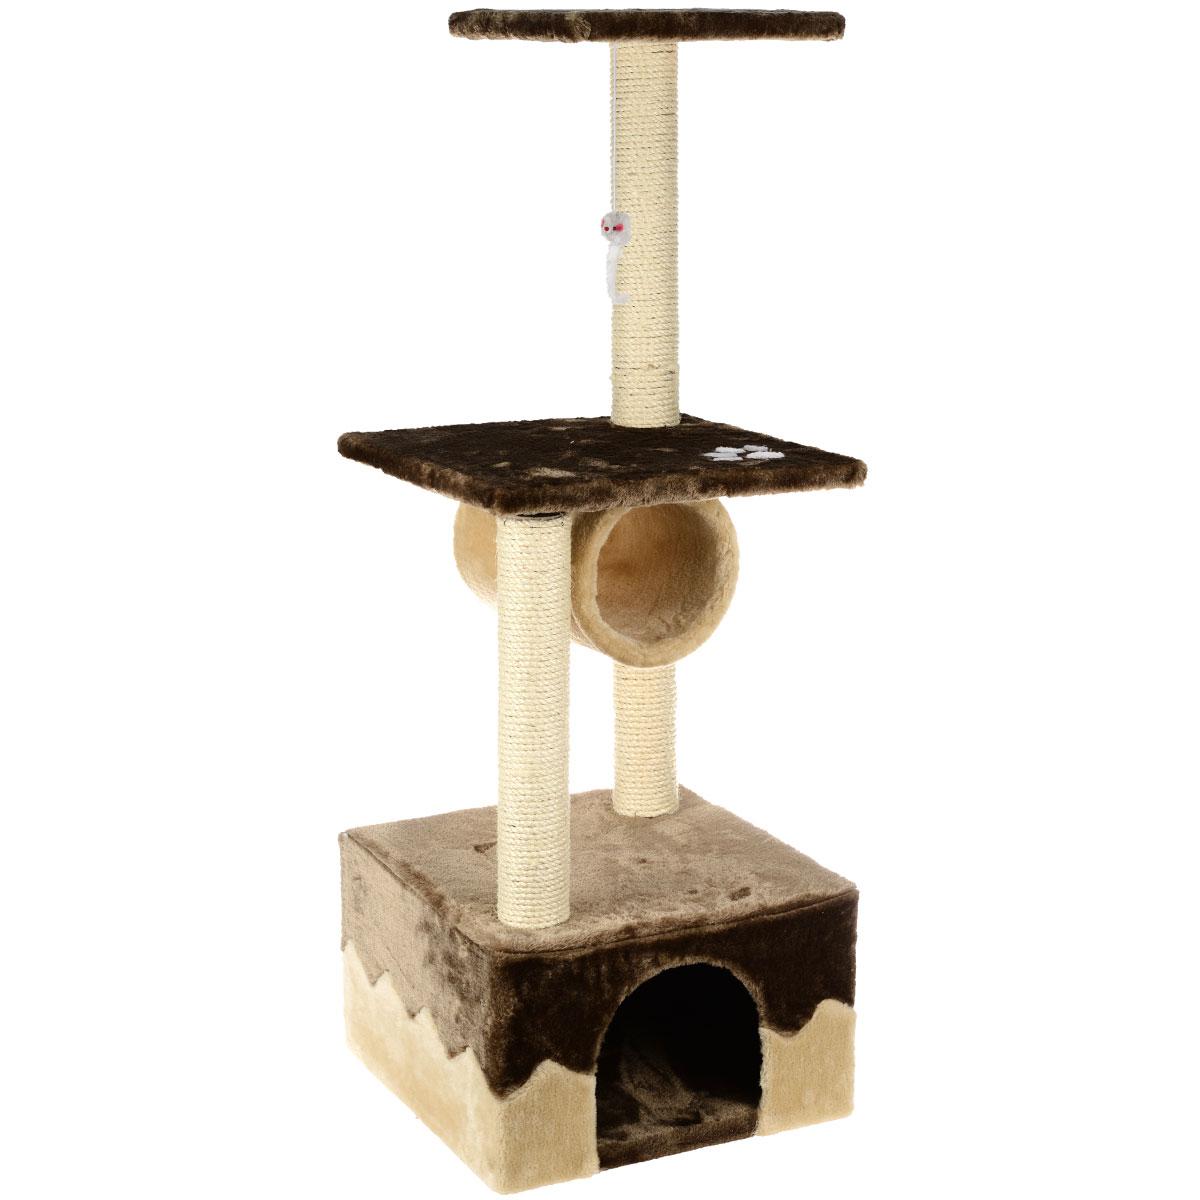 Домик-когтеточка I.P.T.S. Juva, 40 см х 40 см х 109 см0120710Домик-когтеточка I.P.T.S. Juva выполнен из высококачественного ДСП, обтянут мягким плюшем и предназначен для активных кошек. Когтеточка состоит из трех уровней. Целый дом будет в распоряжении у вашей кошки. Разные уровни высоты, когтеточка, место для отдыха в игровом комплексе позволят кошке резвится и точить коготки.